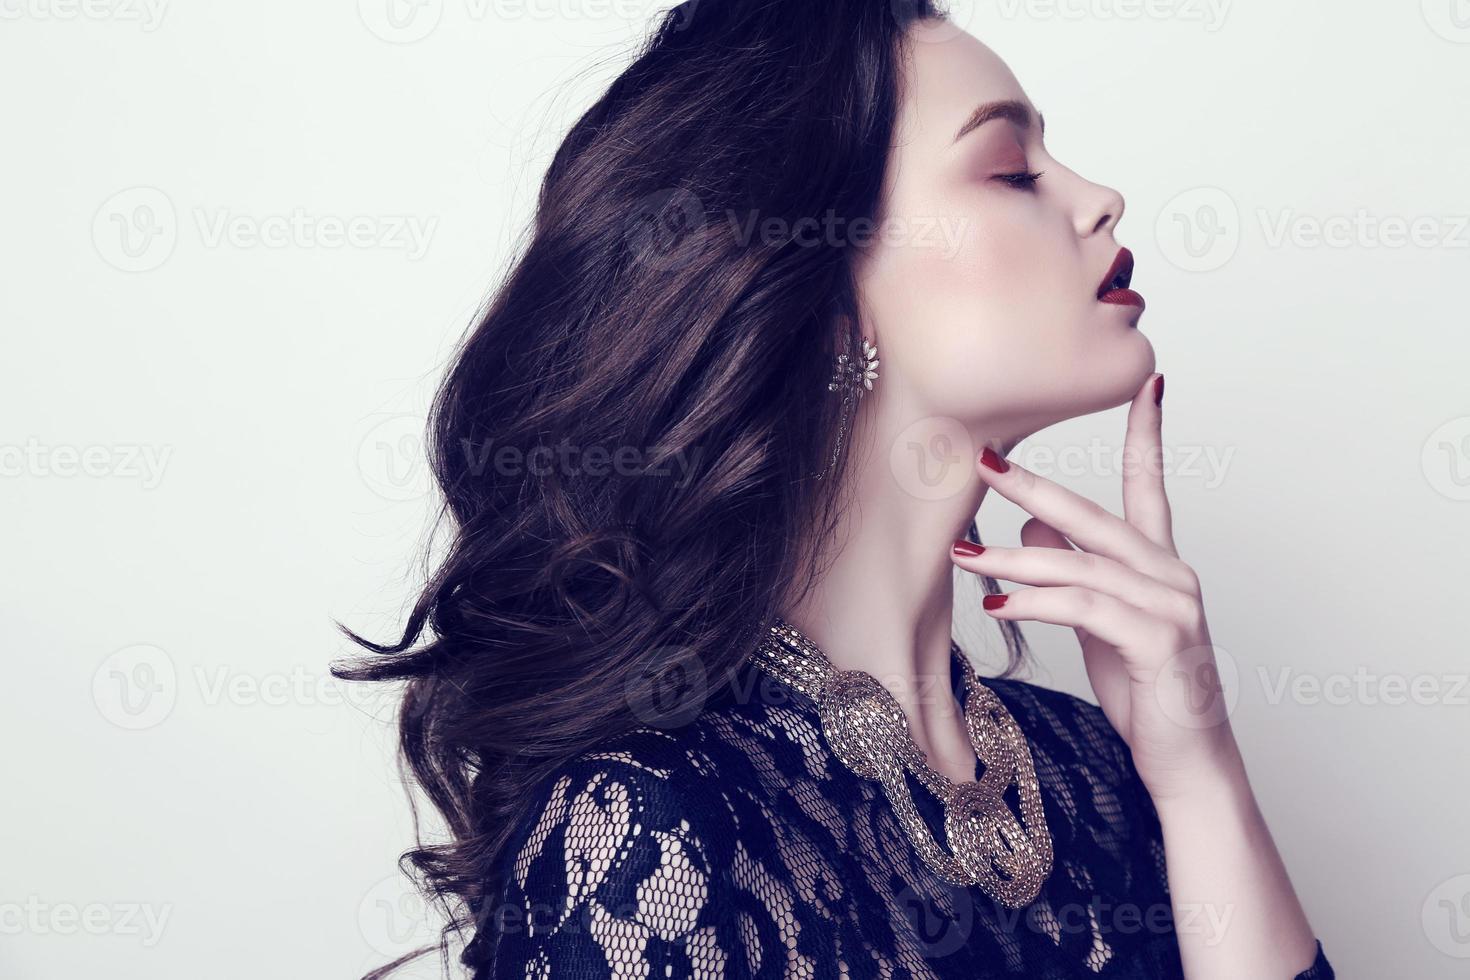 femme sensuelle aux cheveux noirs et maquillage lumineux avec bijou photo